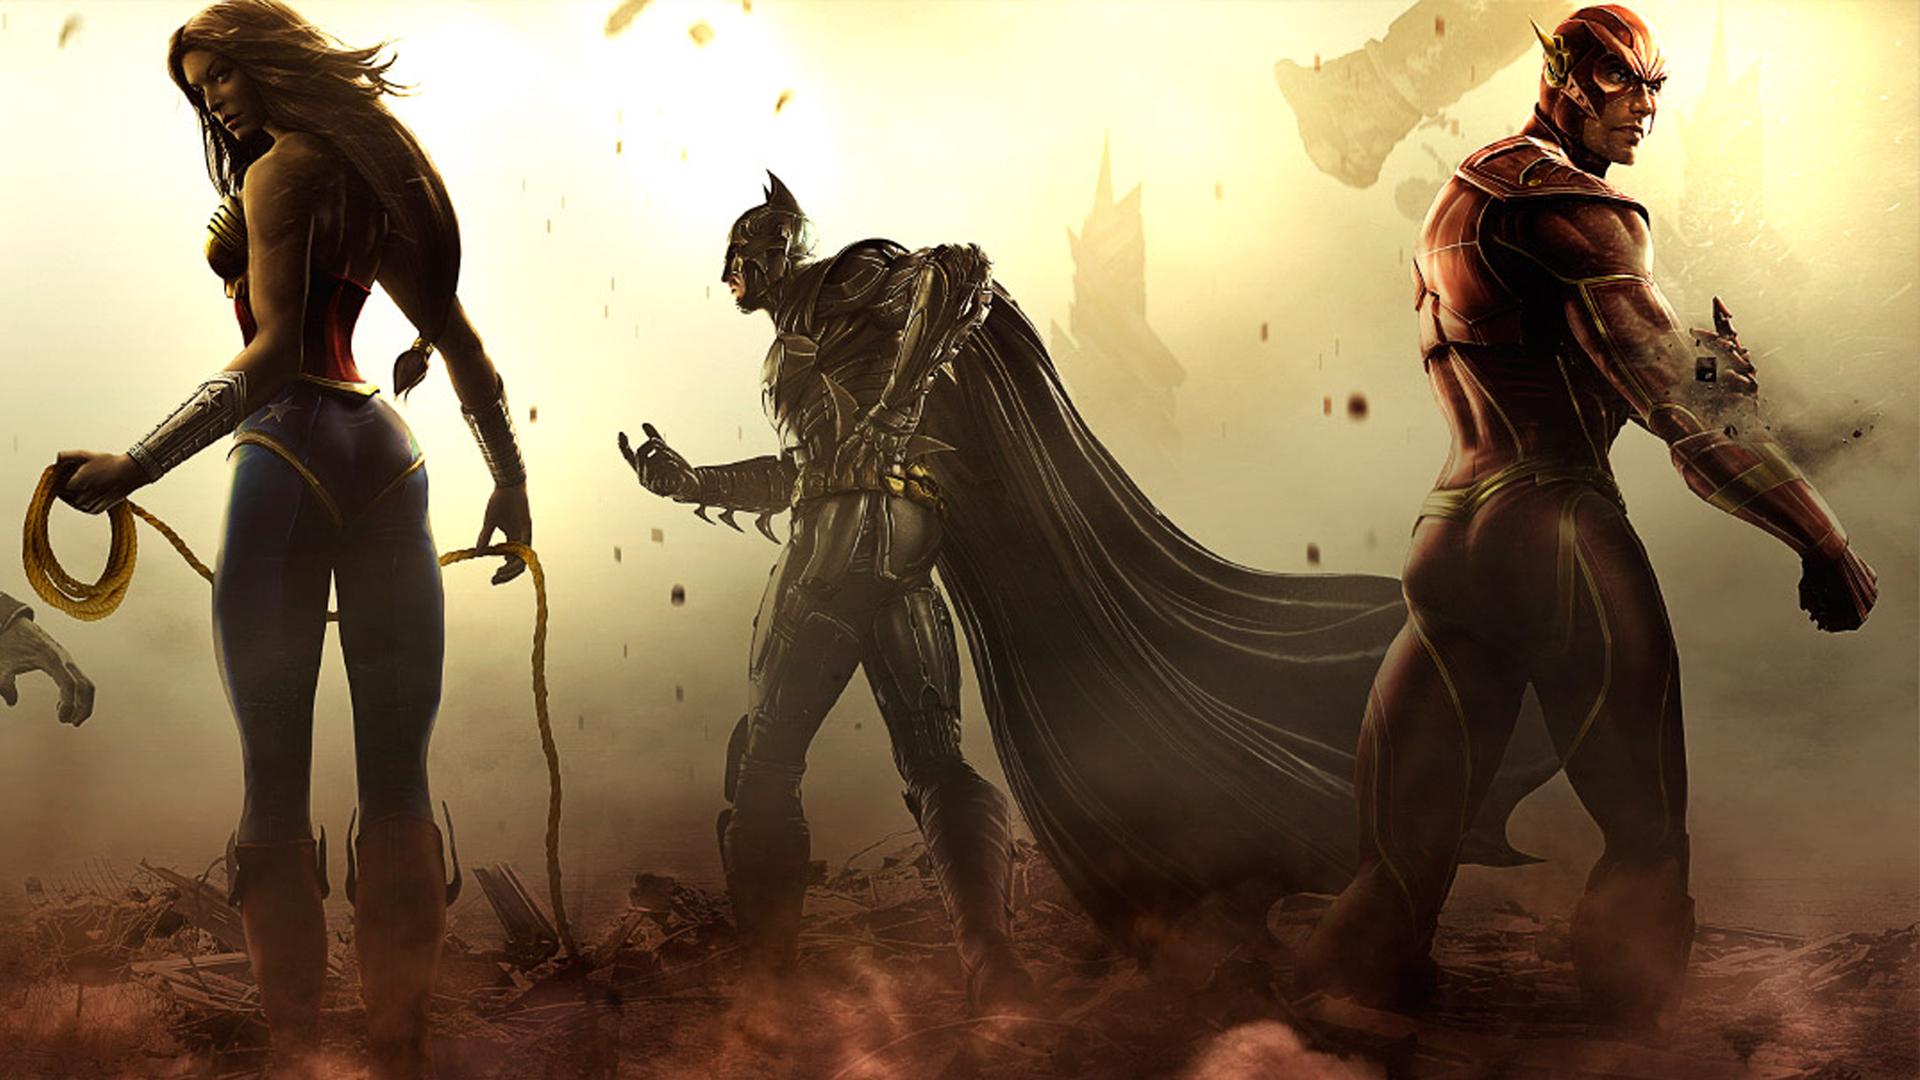 È in arrivo un nuovo capitolo di Injustice: Gods Among Us?